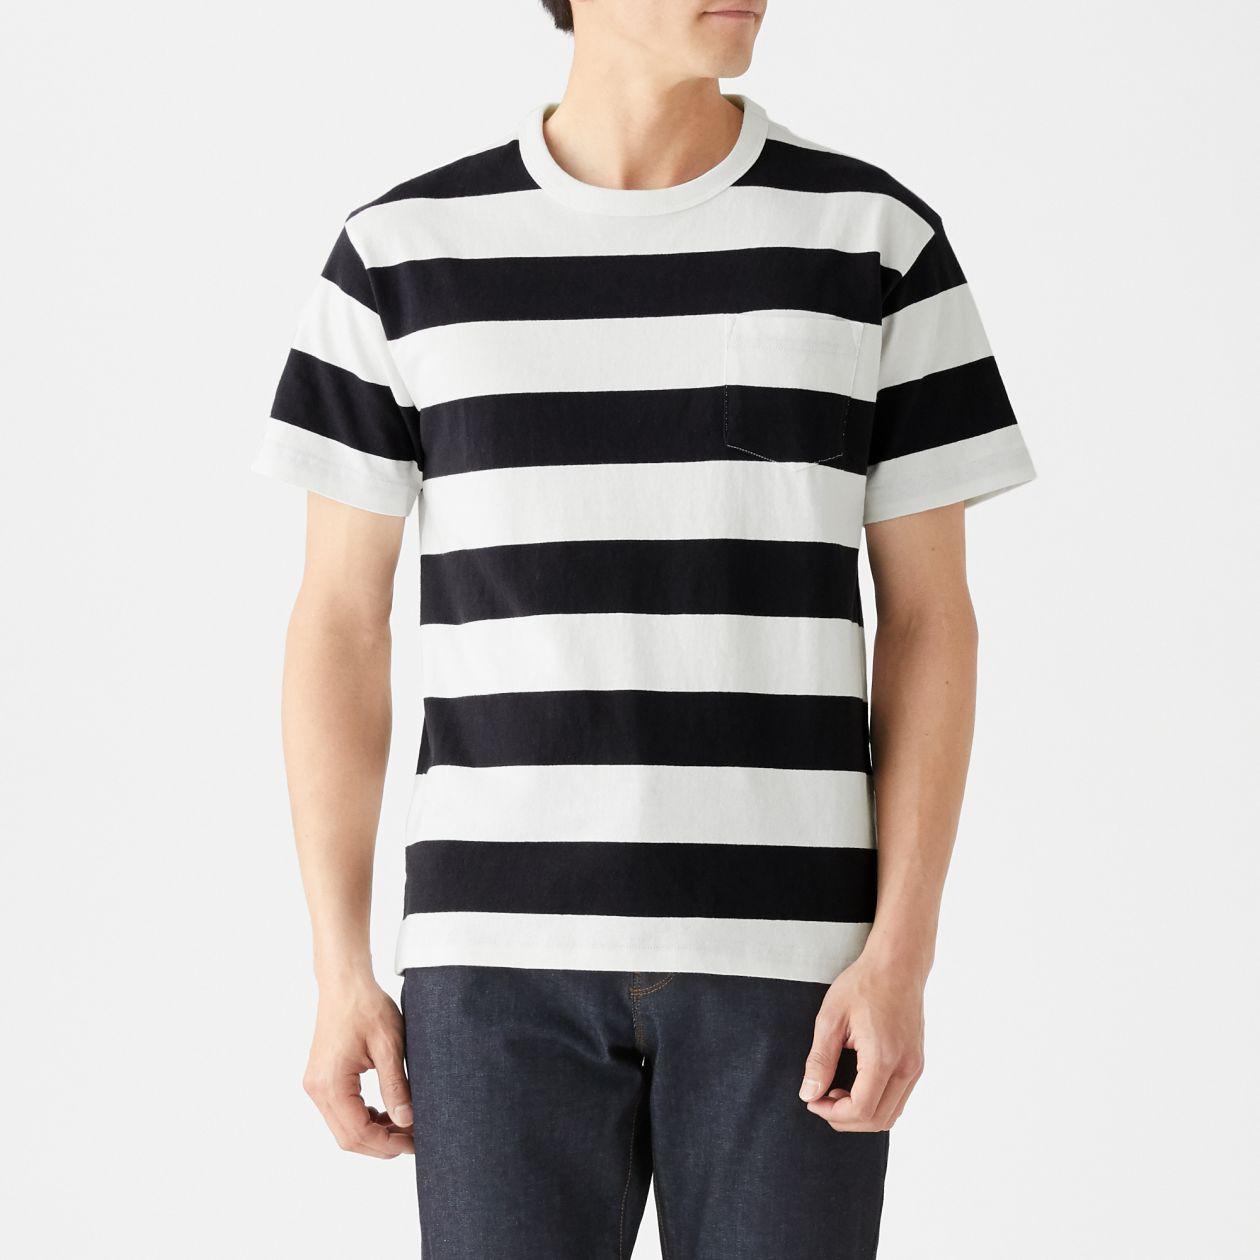 太番手 天竺編みボーダーポケット付き半袖Tシャツ